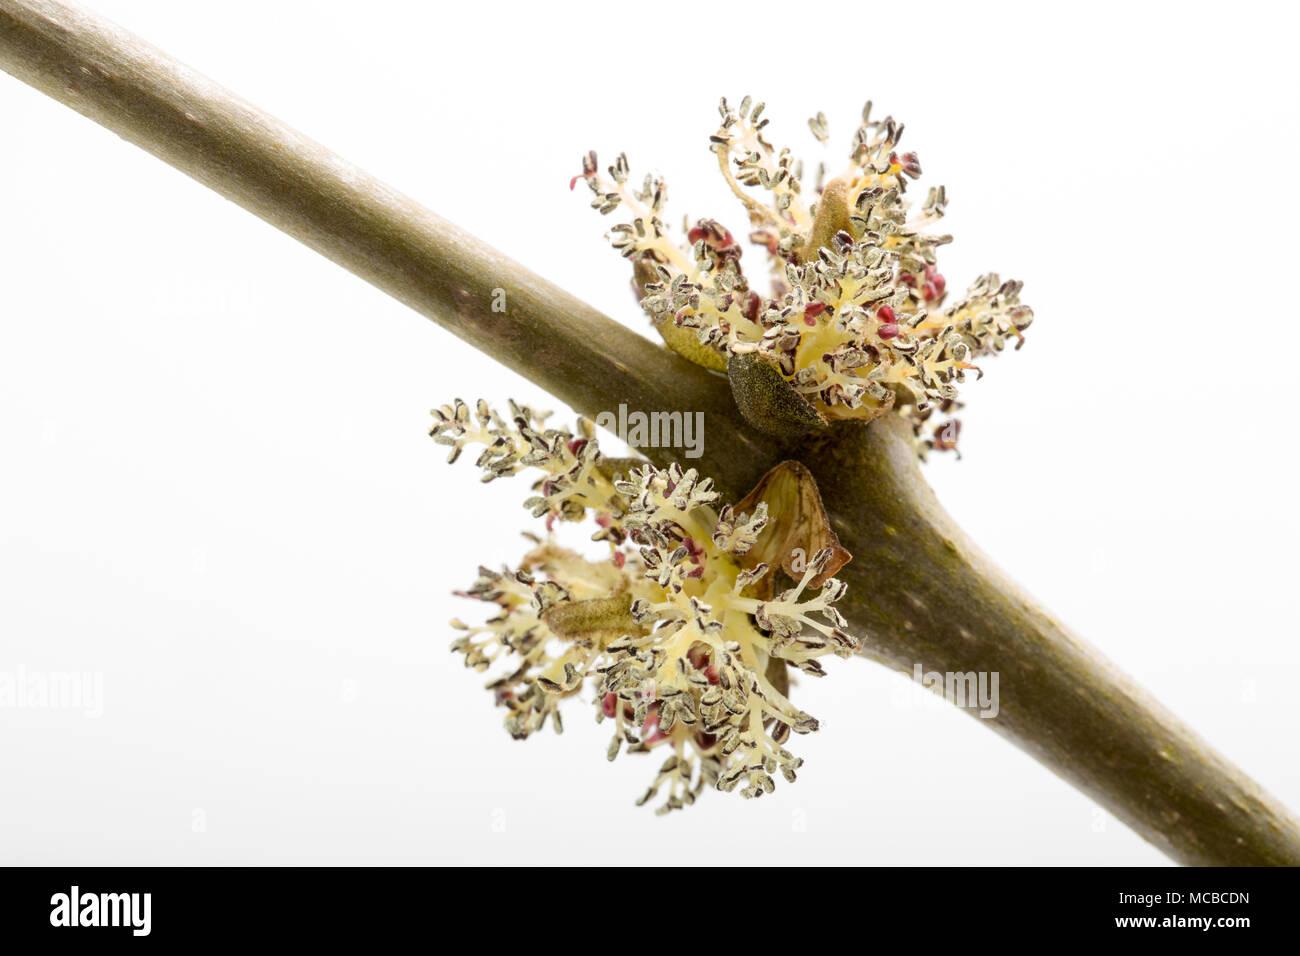 Las flores del árbol fresno Fraxinus excelsior el 15 de abril de 2018, Dorset, Inglaterra. Como dice el viejo refrán ceniza antes de roble, en remojo antes de Roble, Fresno, en f Imagen De Stock